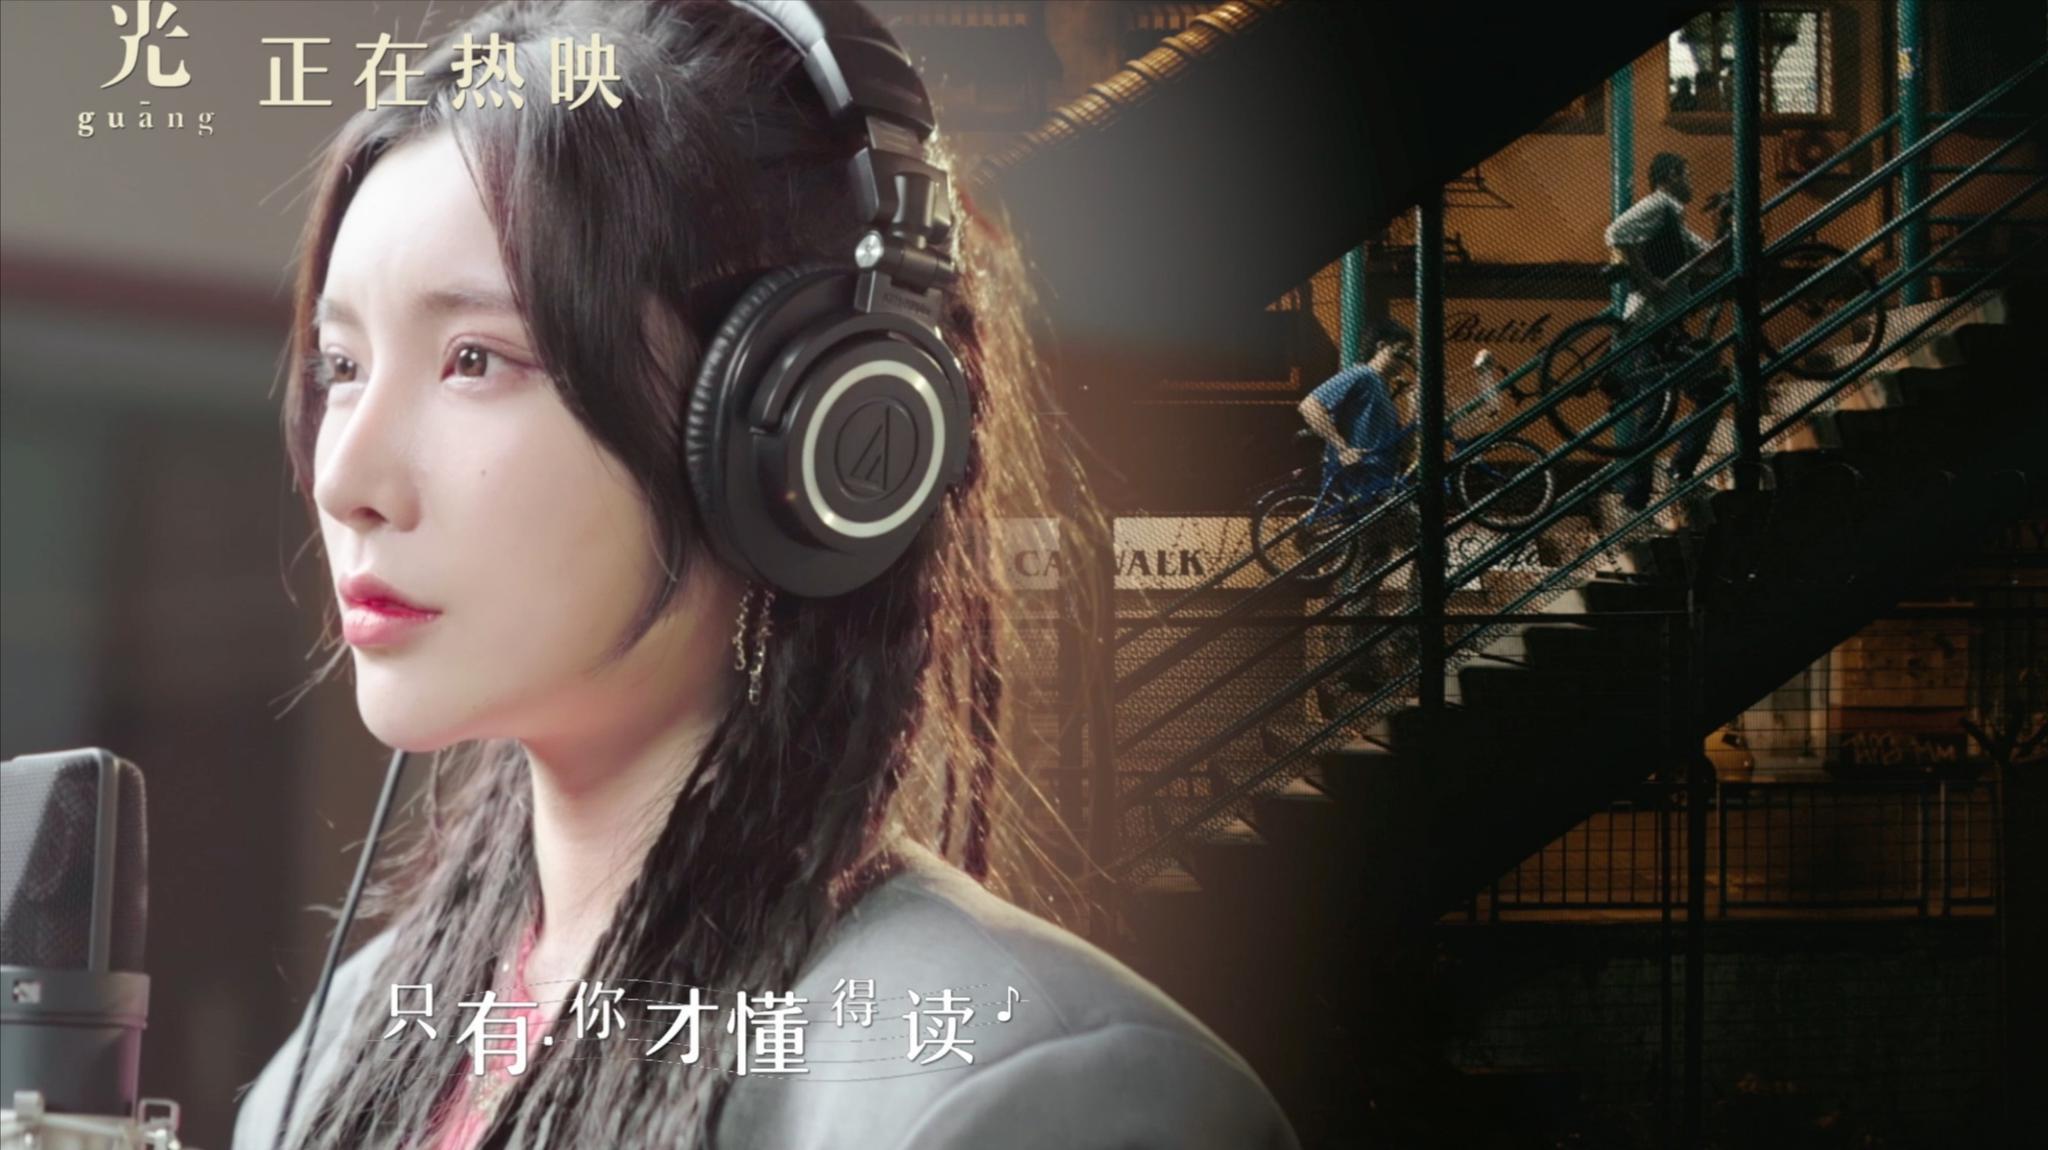 高分佳片电影《光》今日上映 戴燕妮动情演绎主题曲